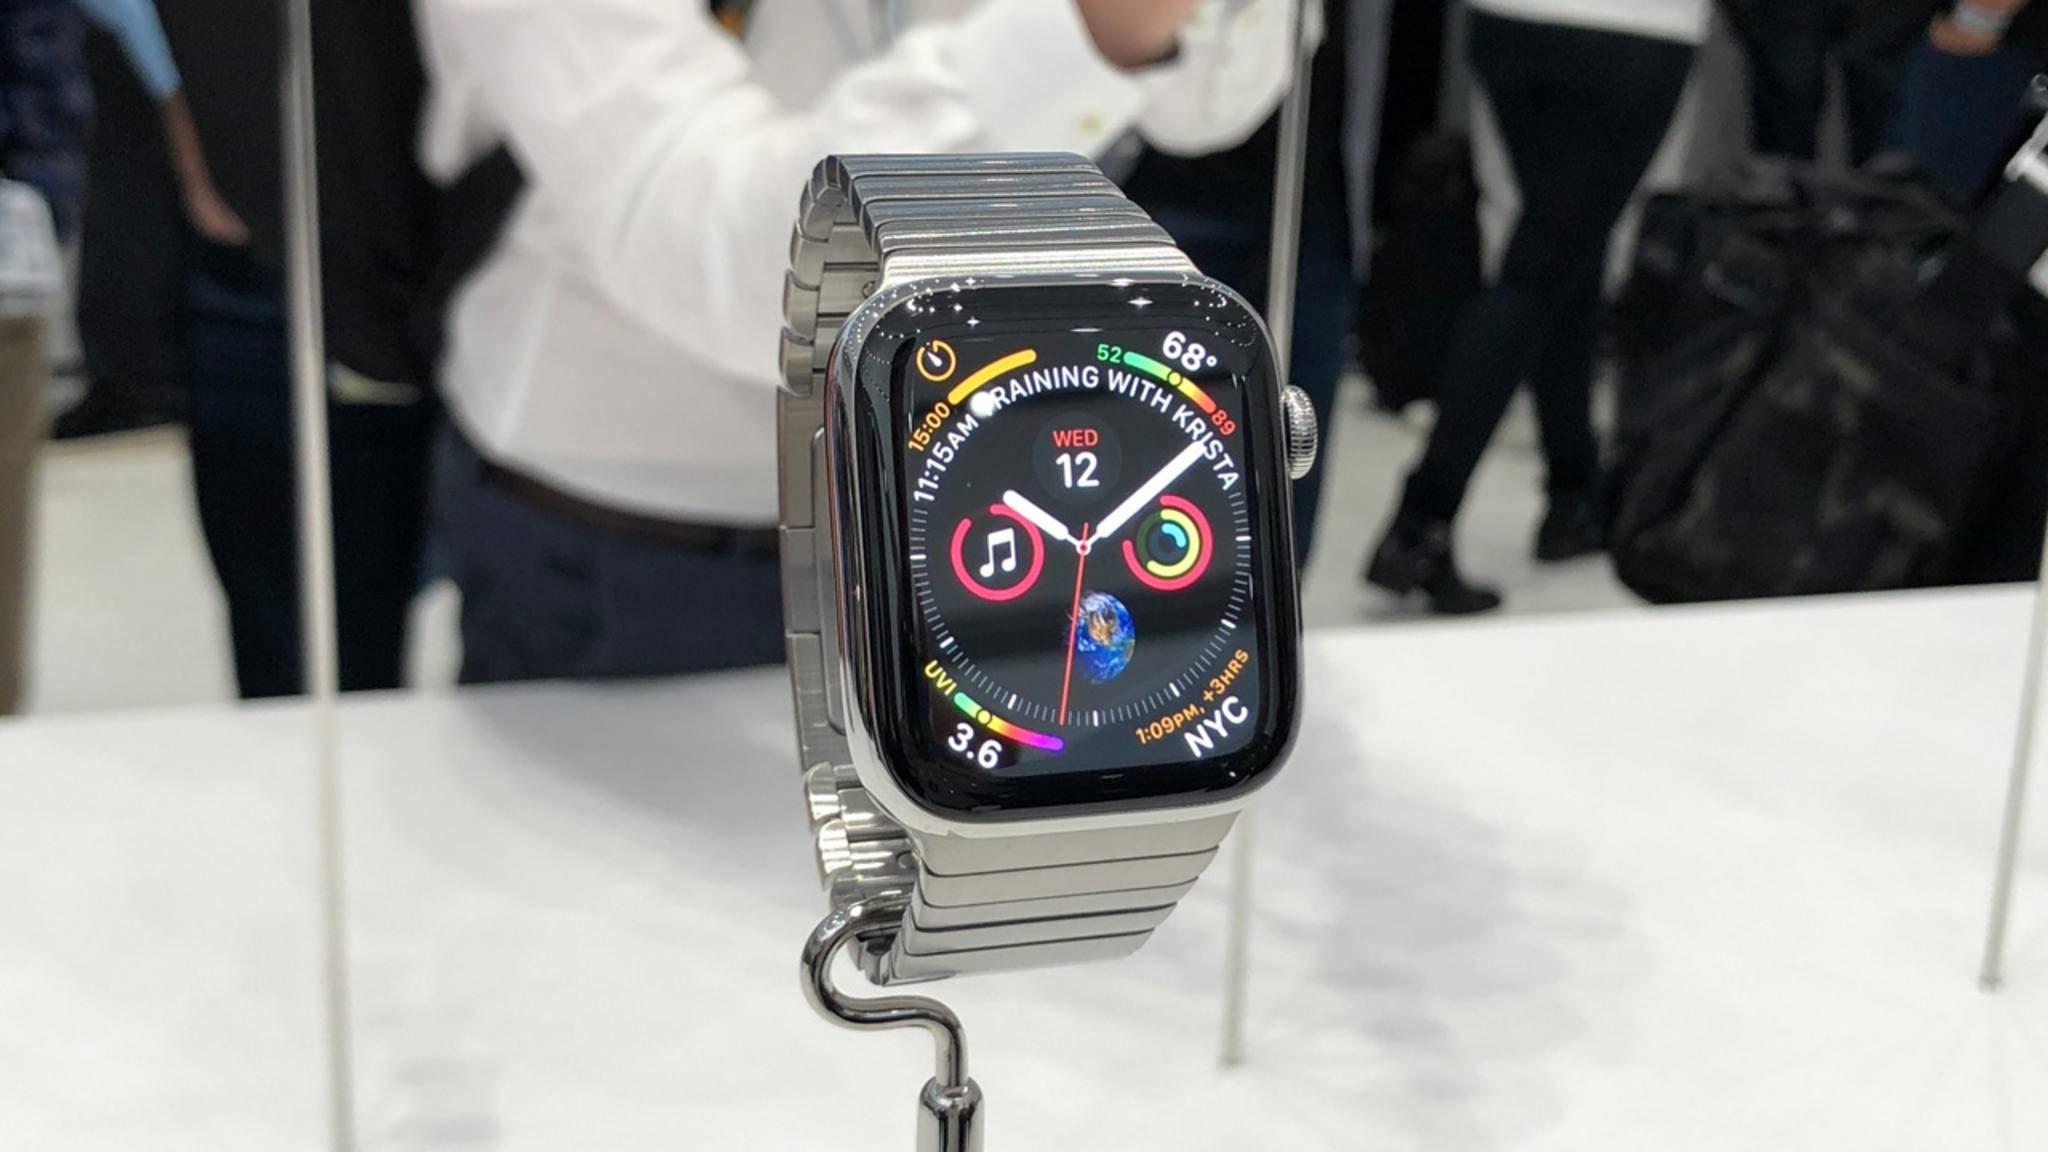 Das war knapp: Die Zertifizierung für das EKG-Feature erhielt die Apple Watch erst kurz vor dem Launch.